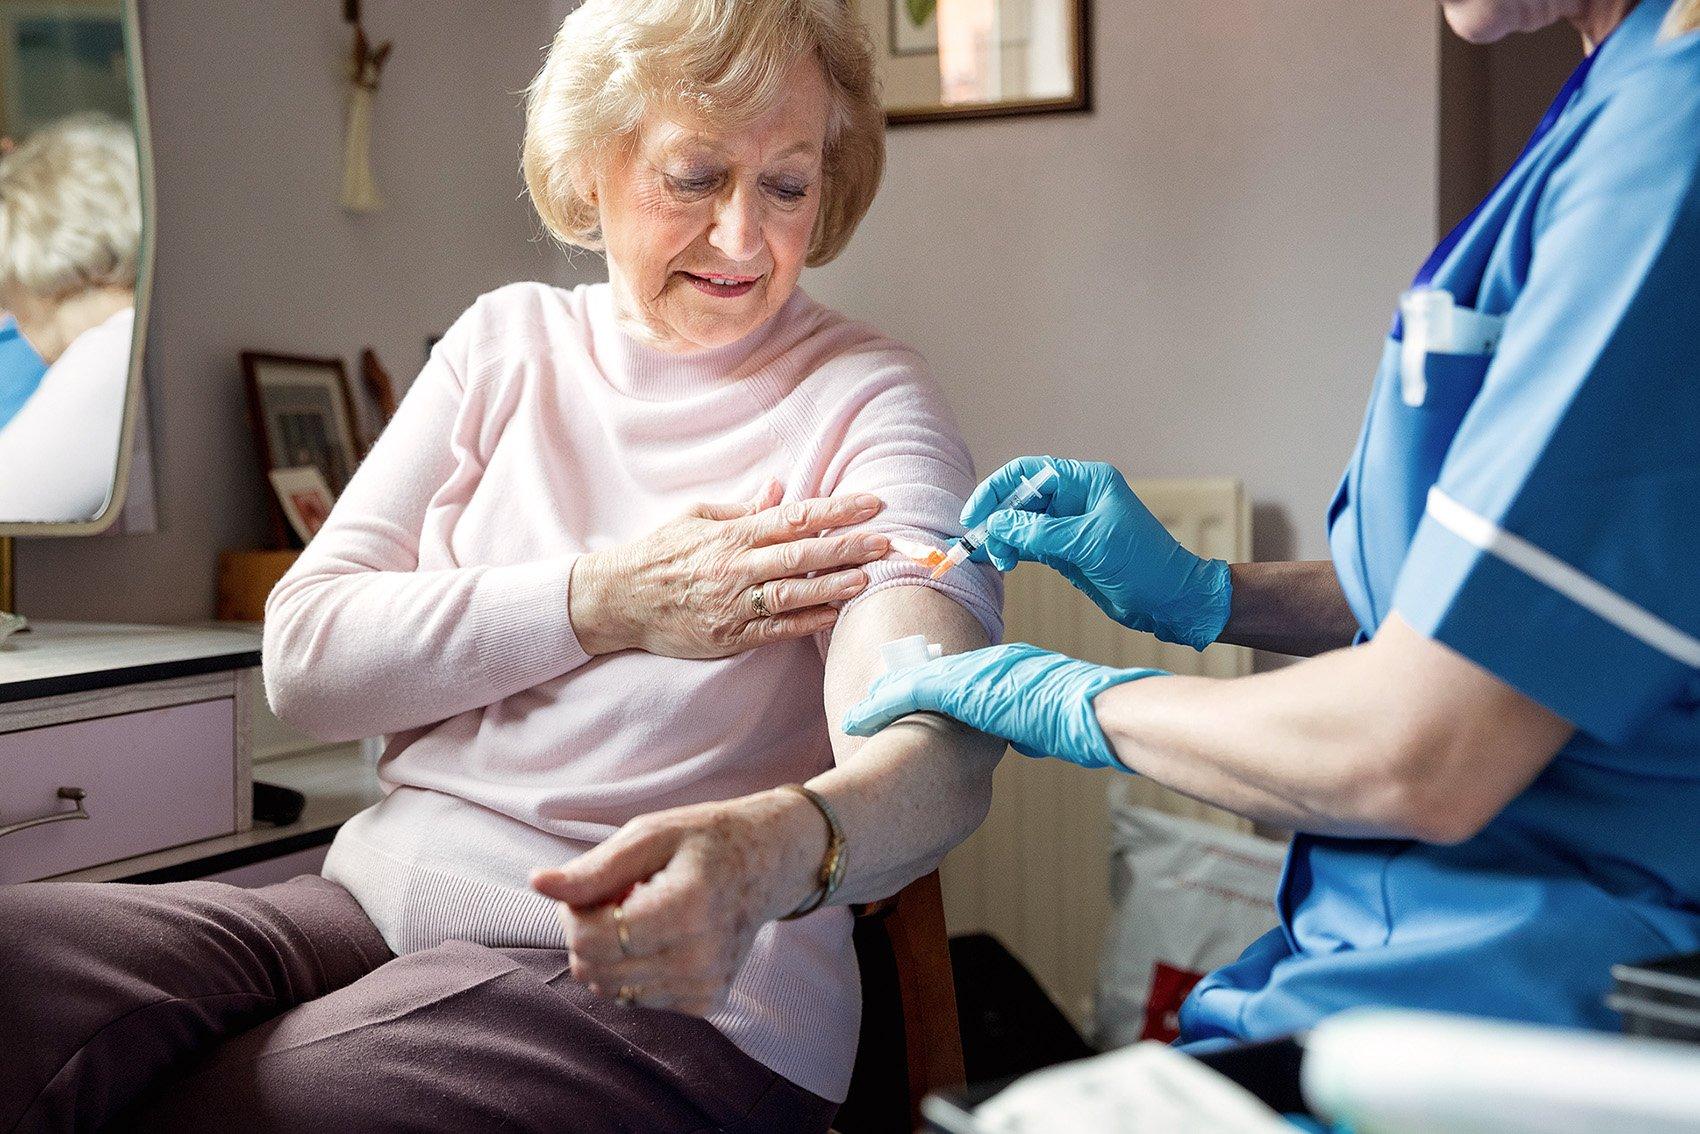 weltweite-zusammenhange-zwischen-covid-todesfallen-und-grippeimpfungsraten-bei-alteren-menschen-gefunden-|-uncut-news.ch